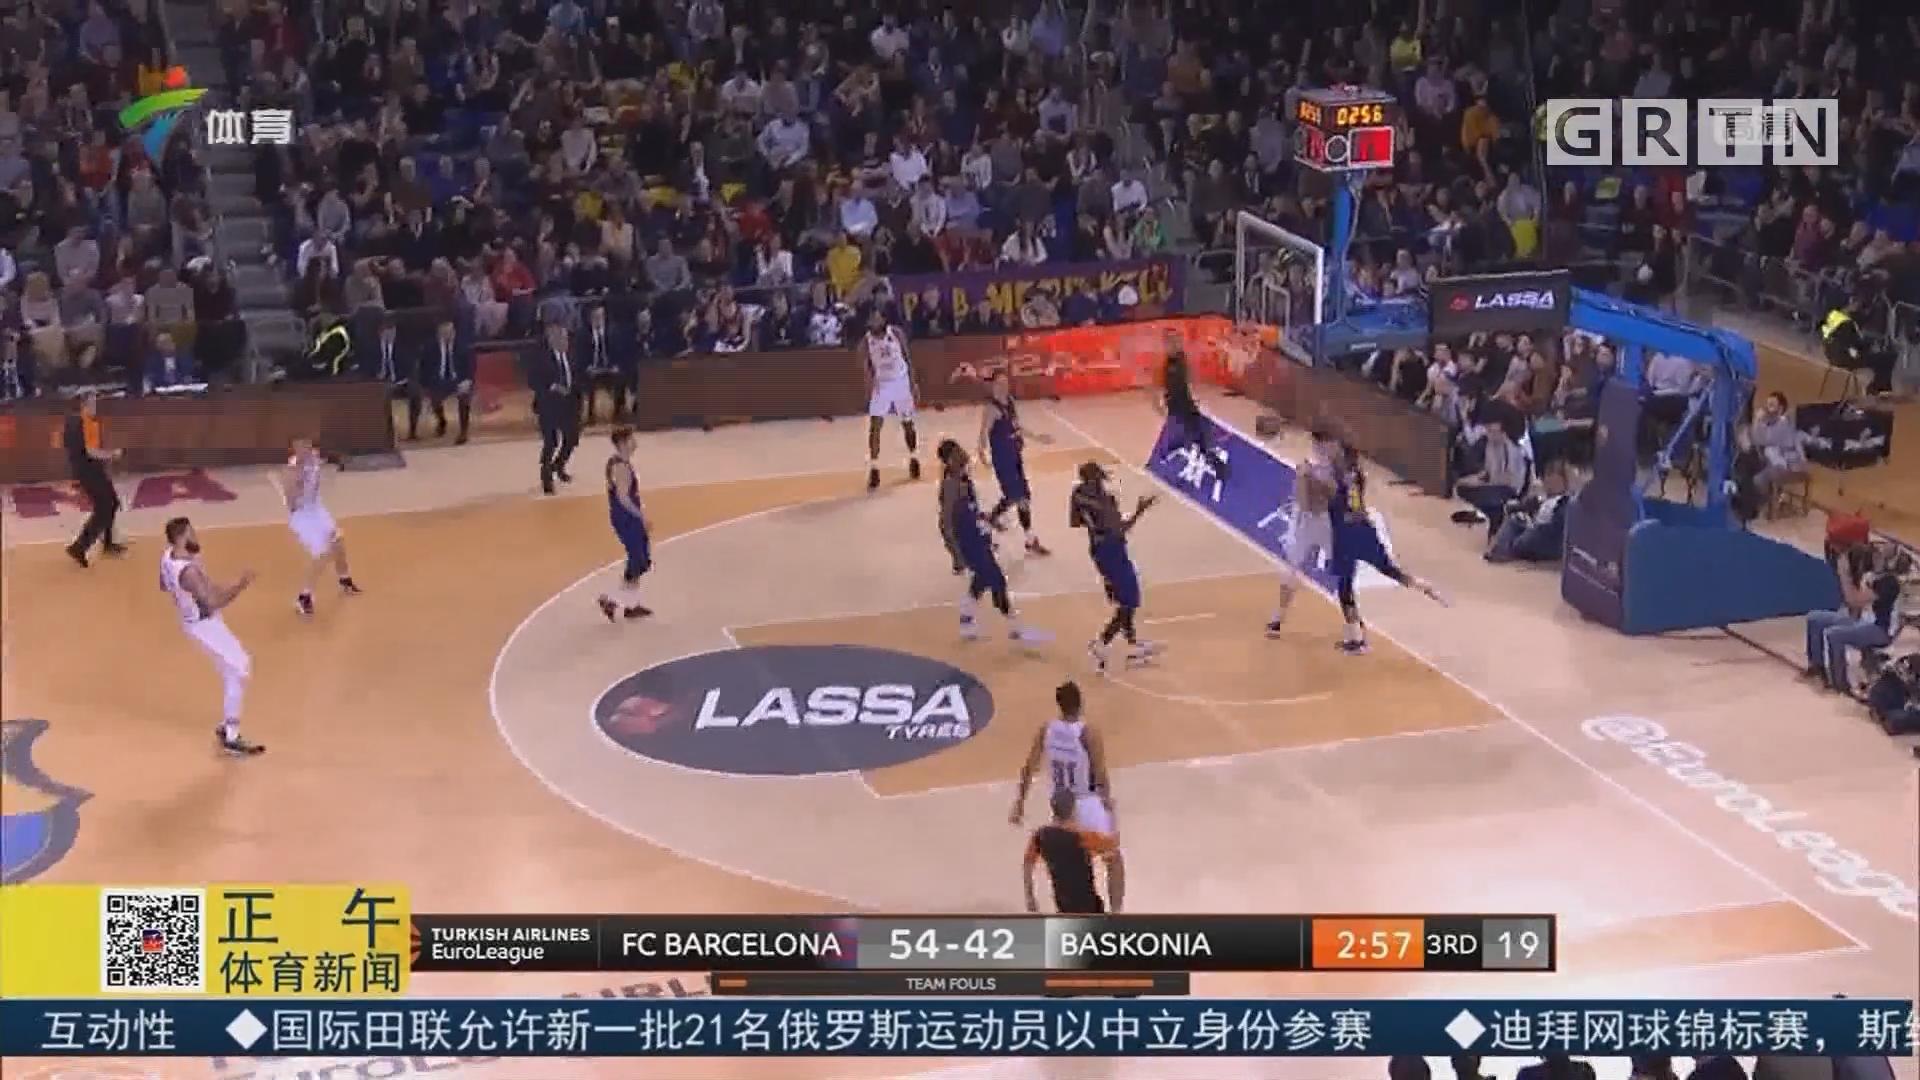 欧冠篮球 巴塞罗那主场轻松取胜